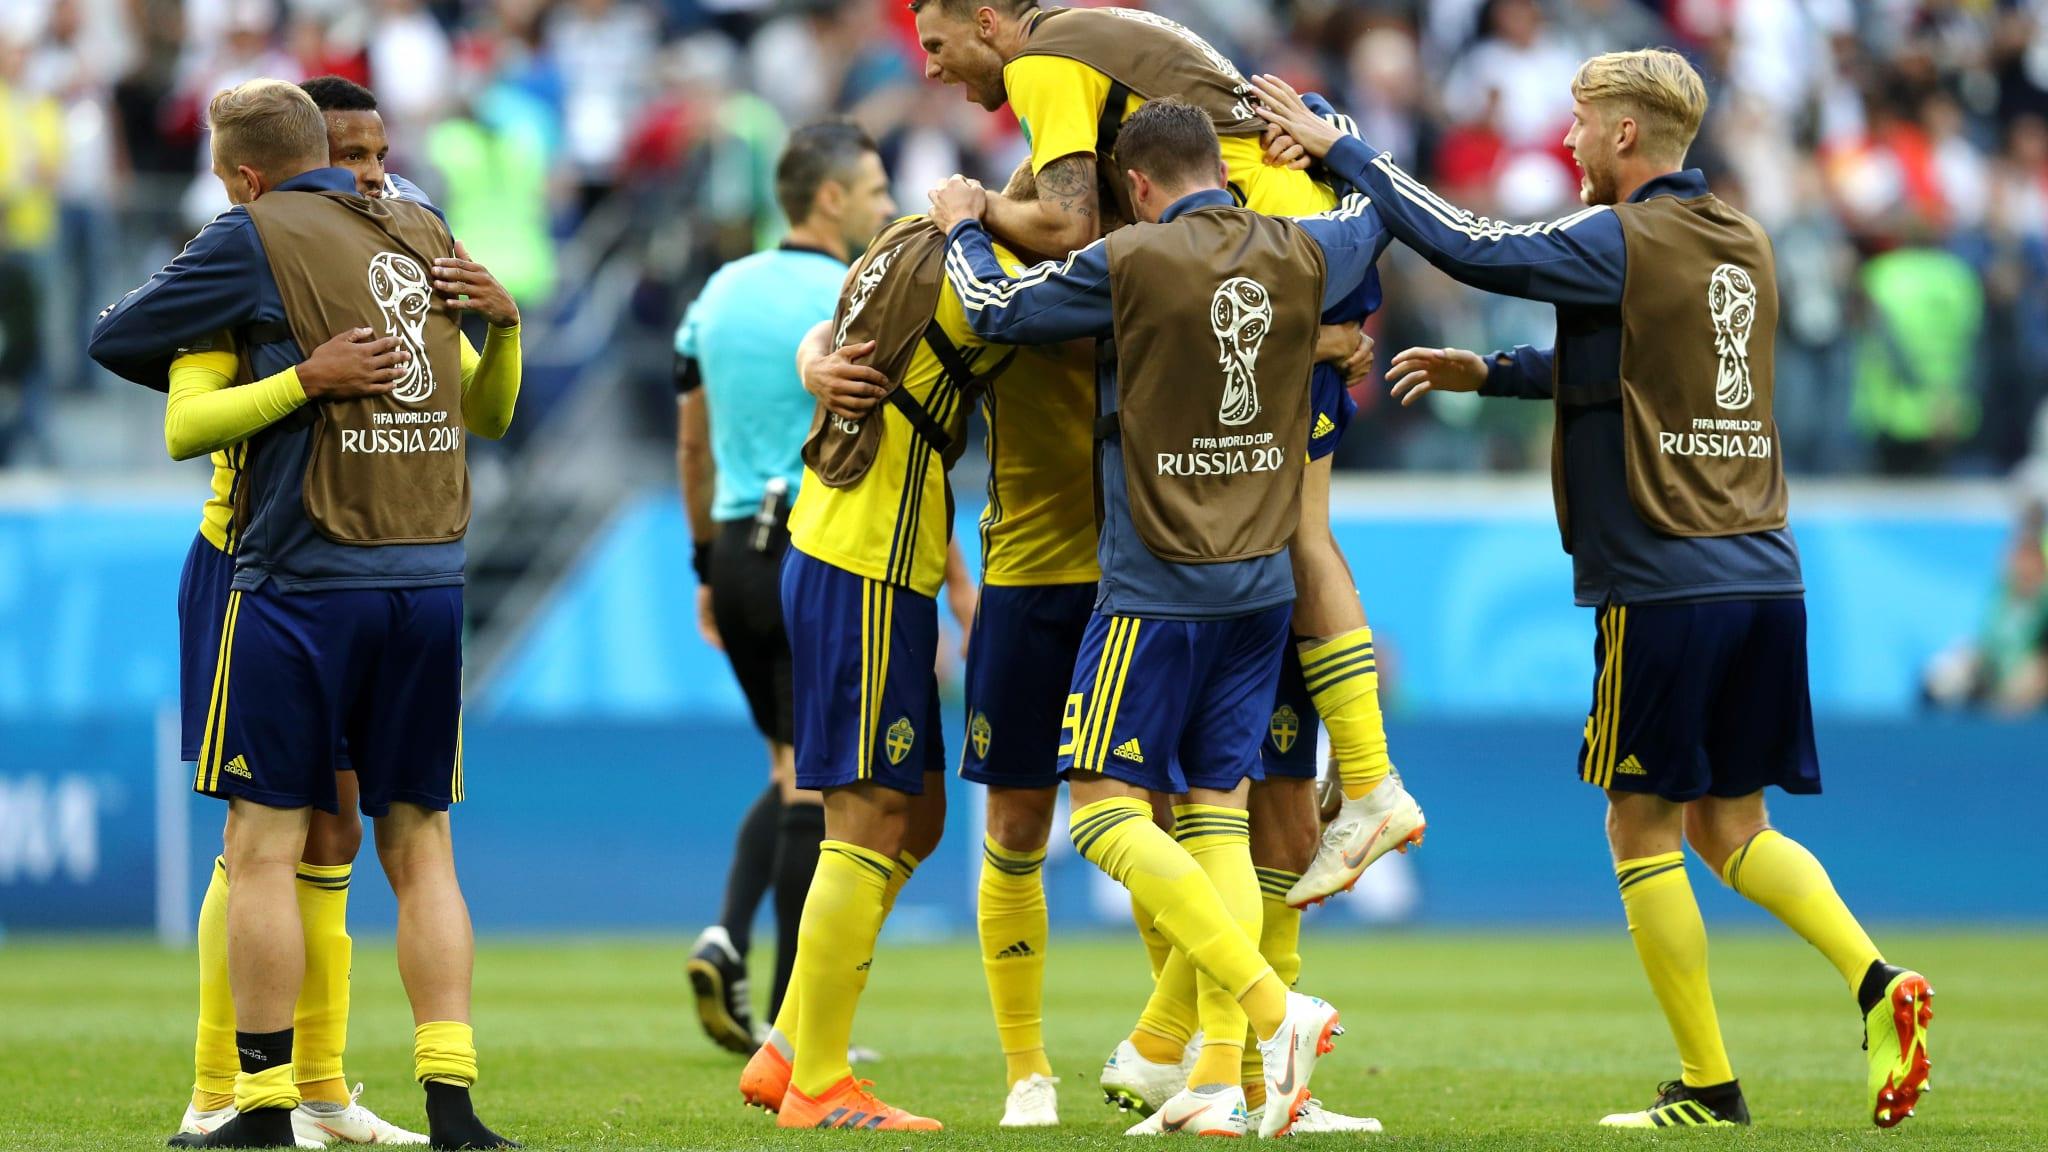 Минимална победа Шведске, Швајцарци иду кући